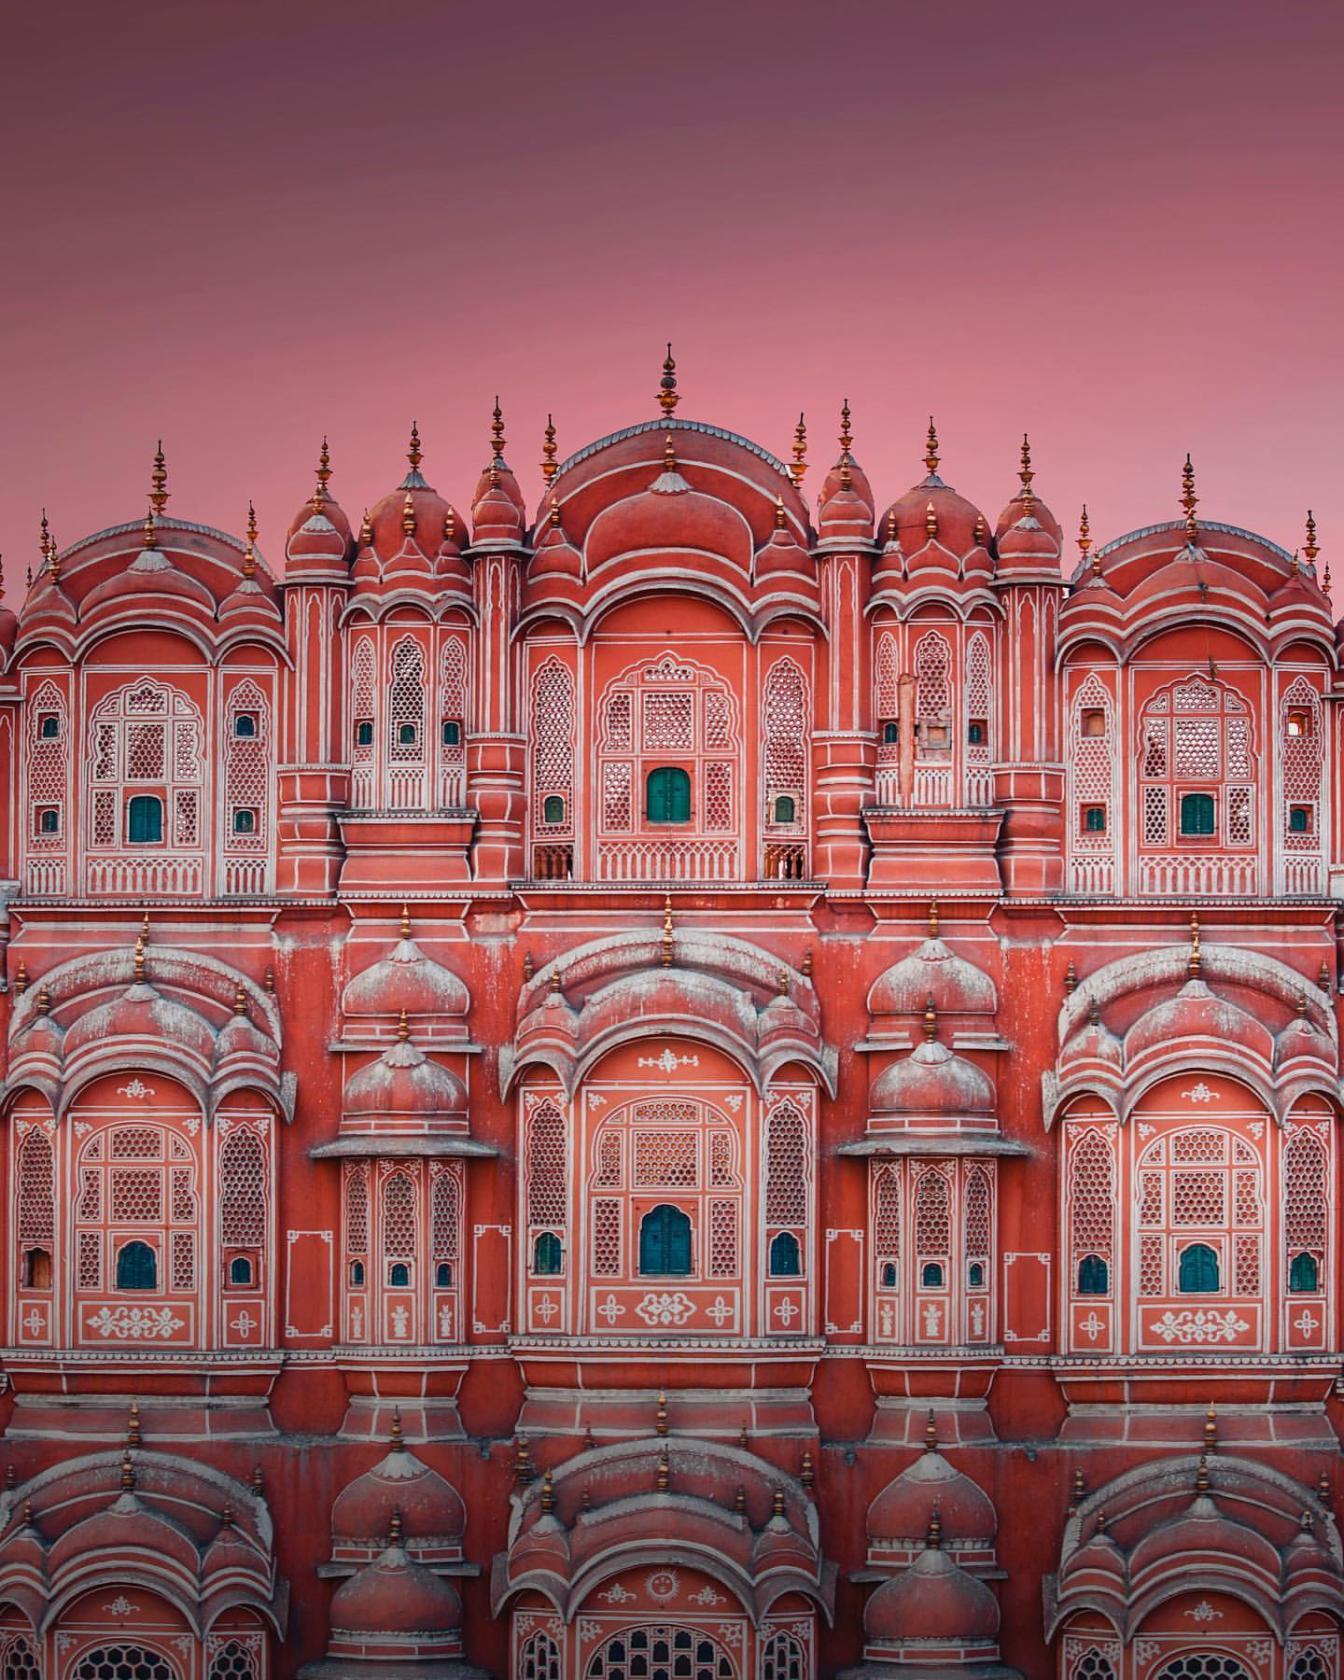 Хава-Махал - дворцовый комплекс в Джайпуре, Индия